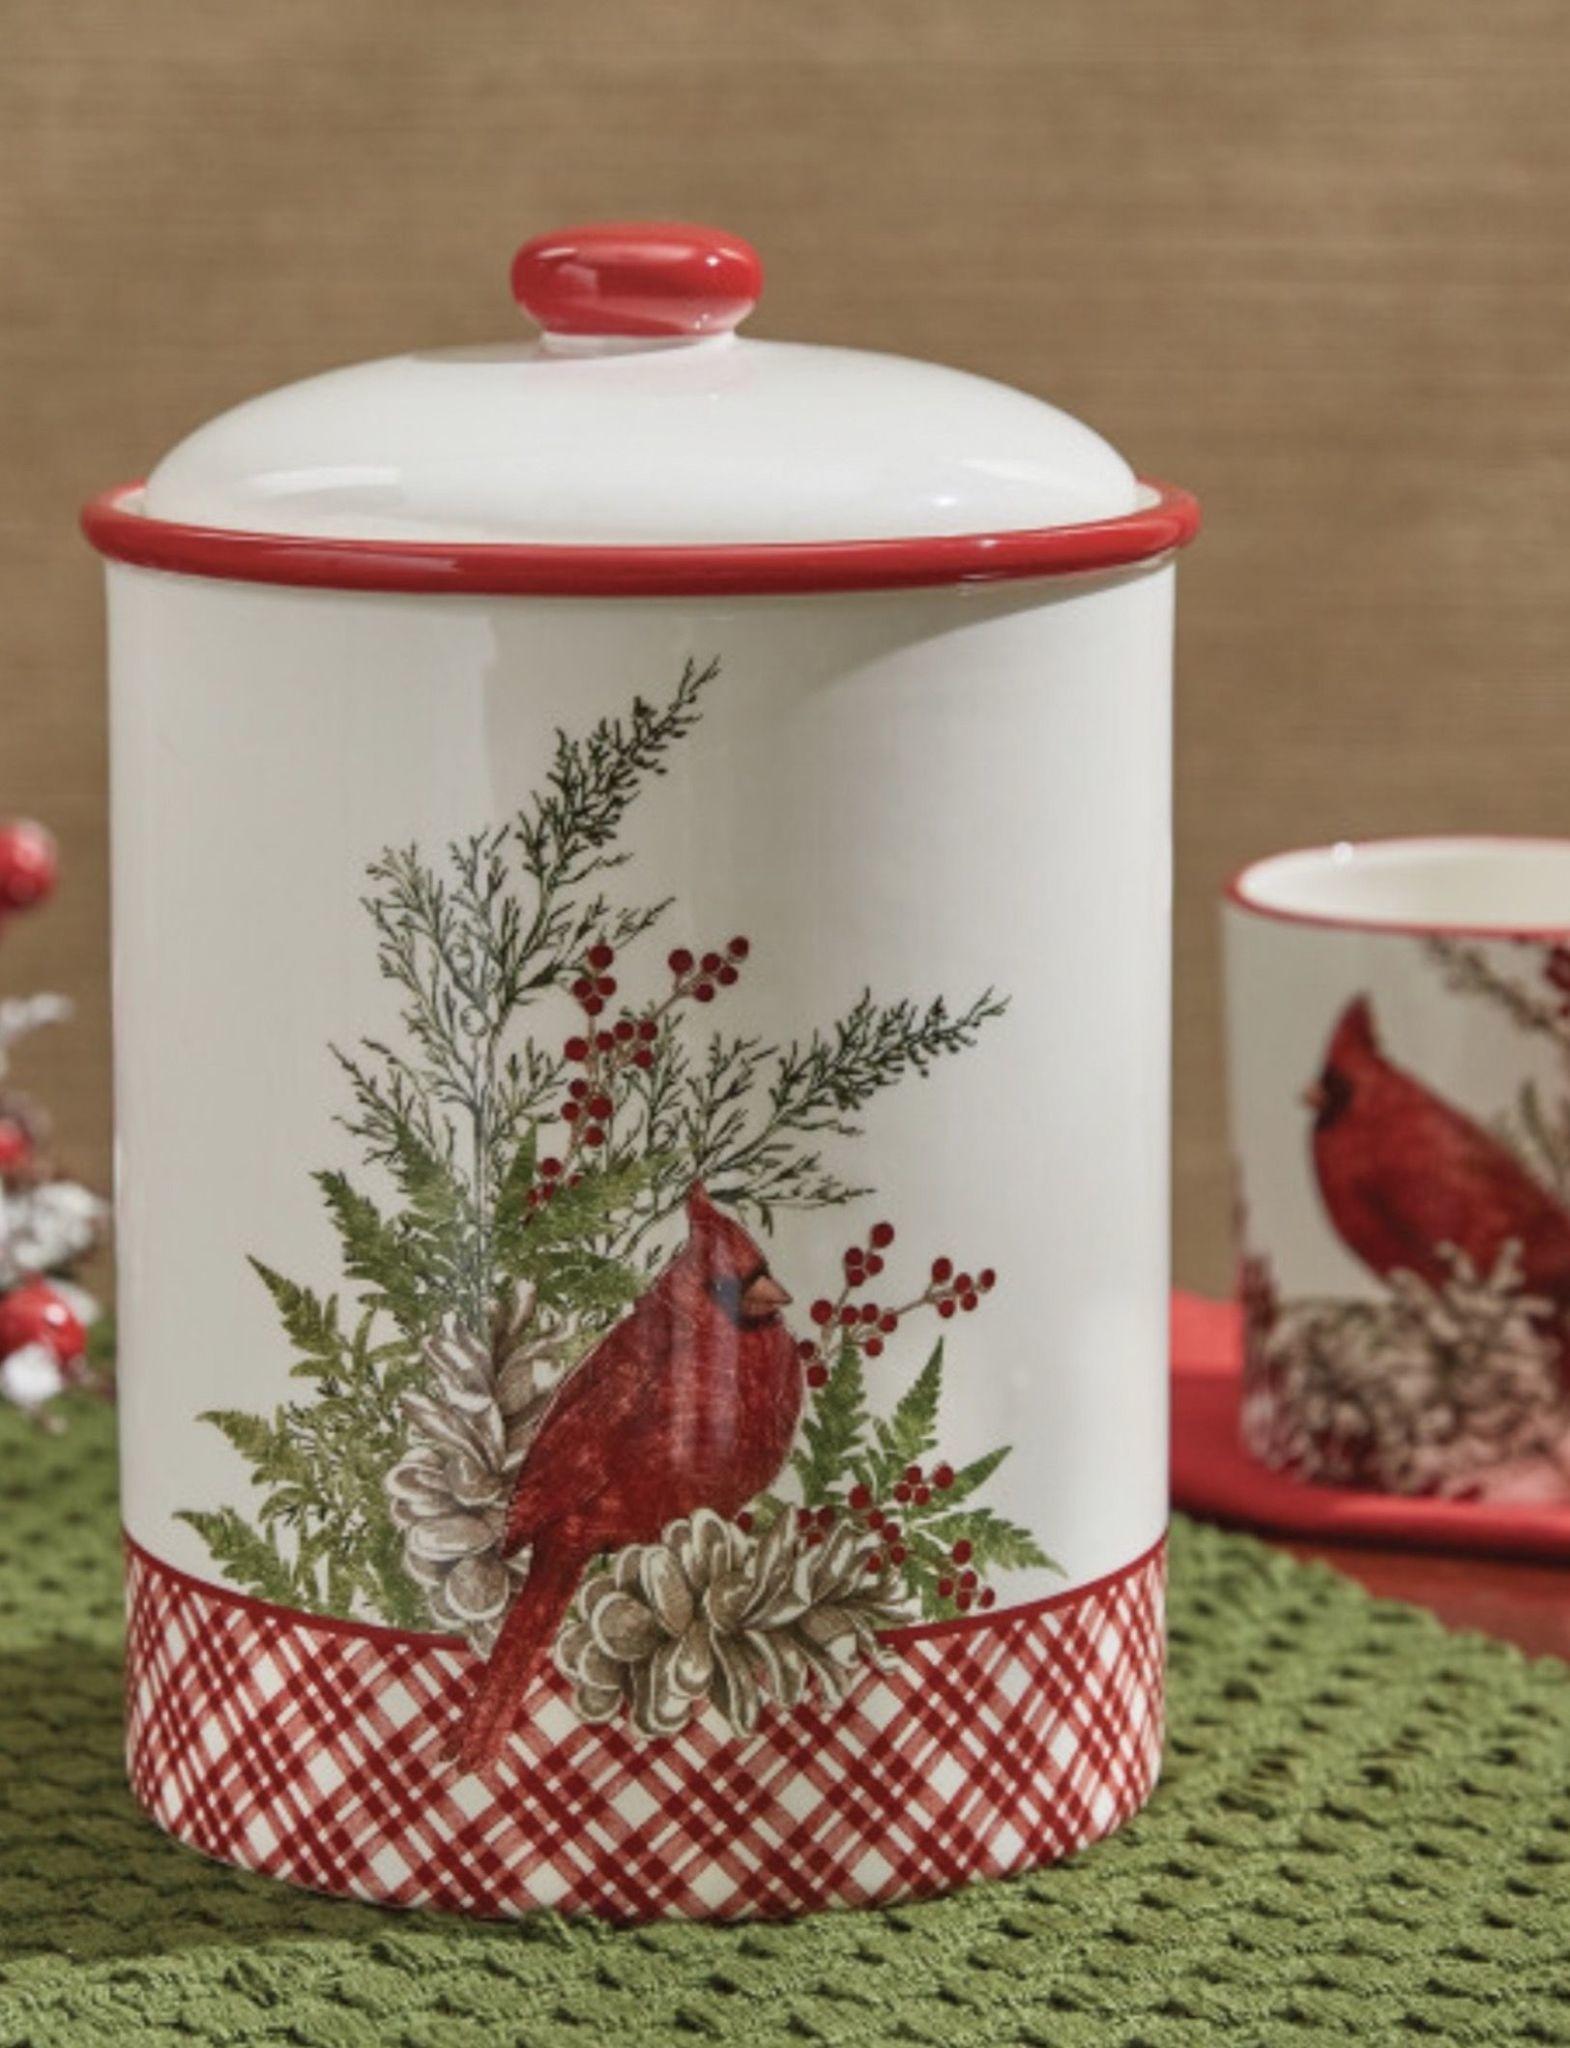 Park Designs Cardinals Cookie Jar